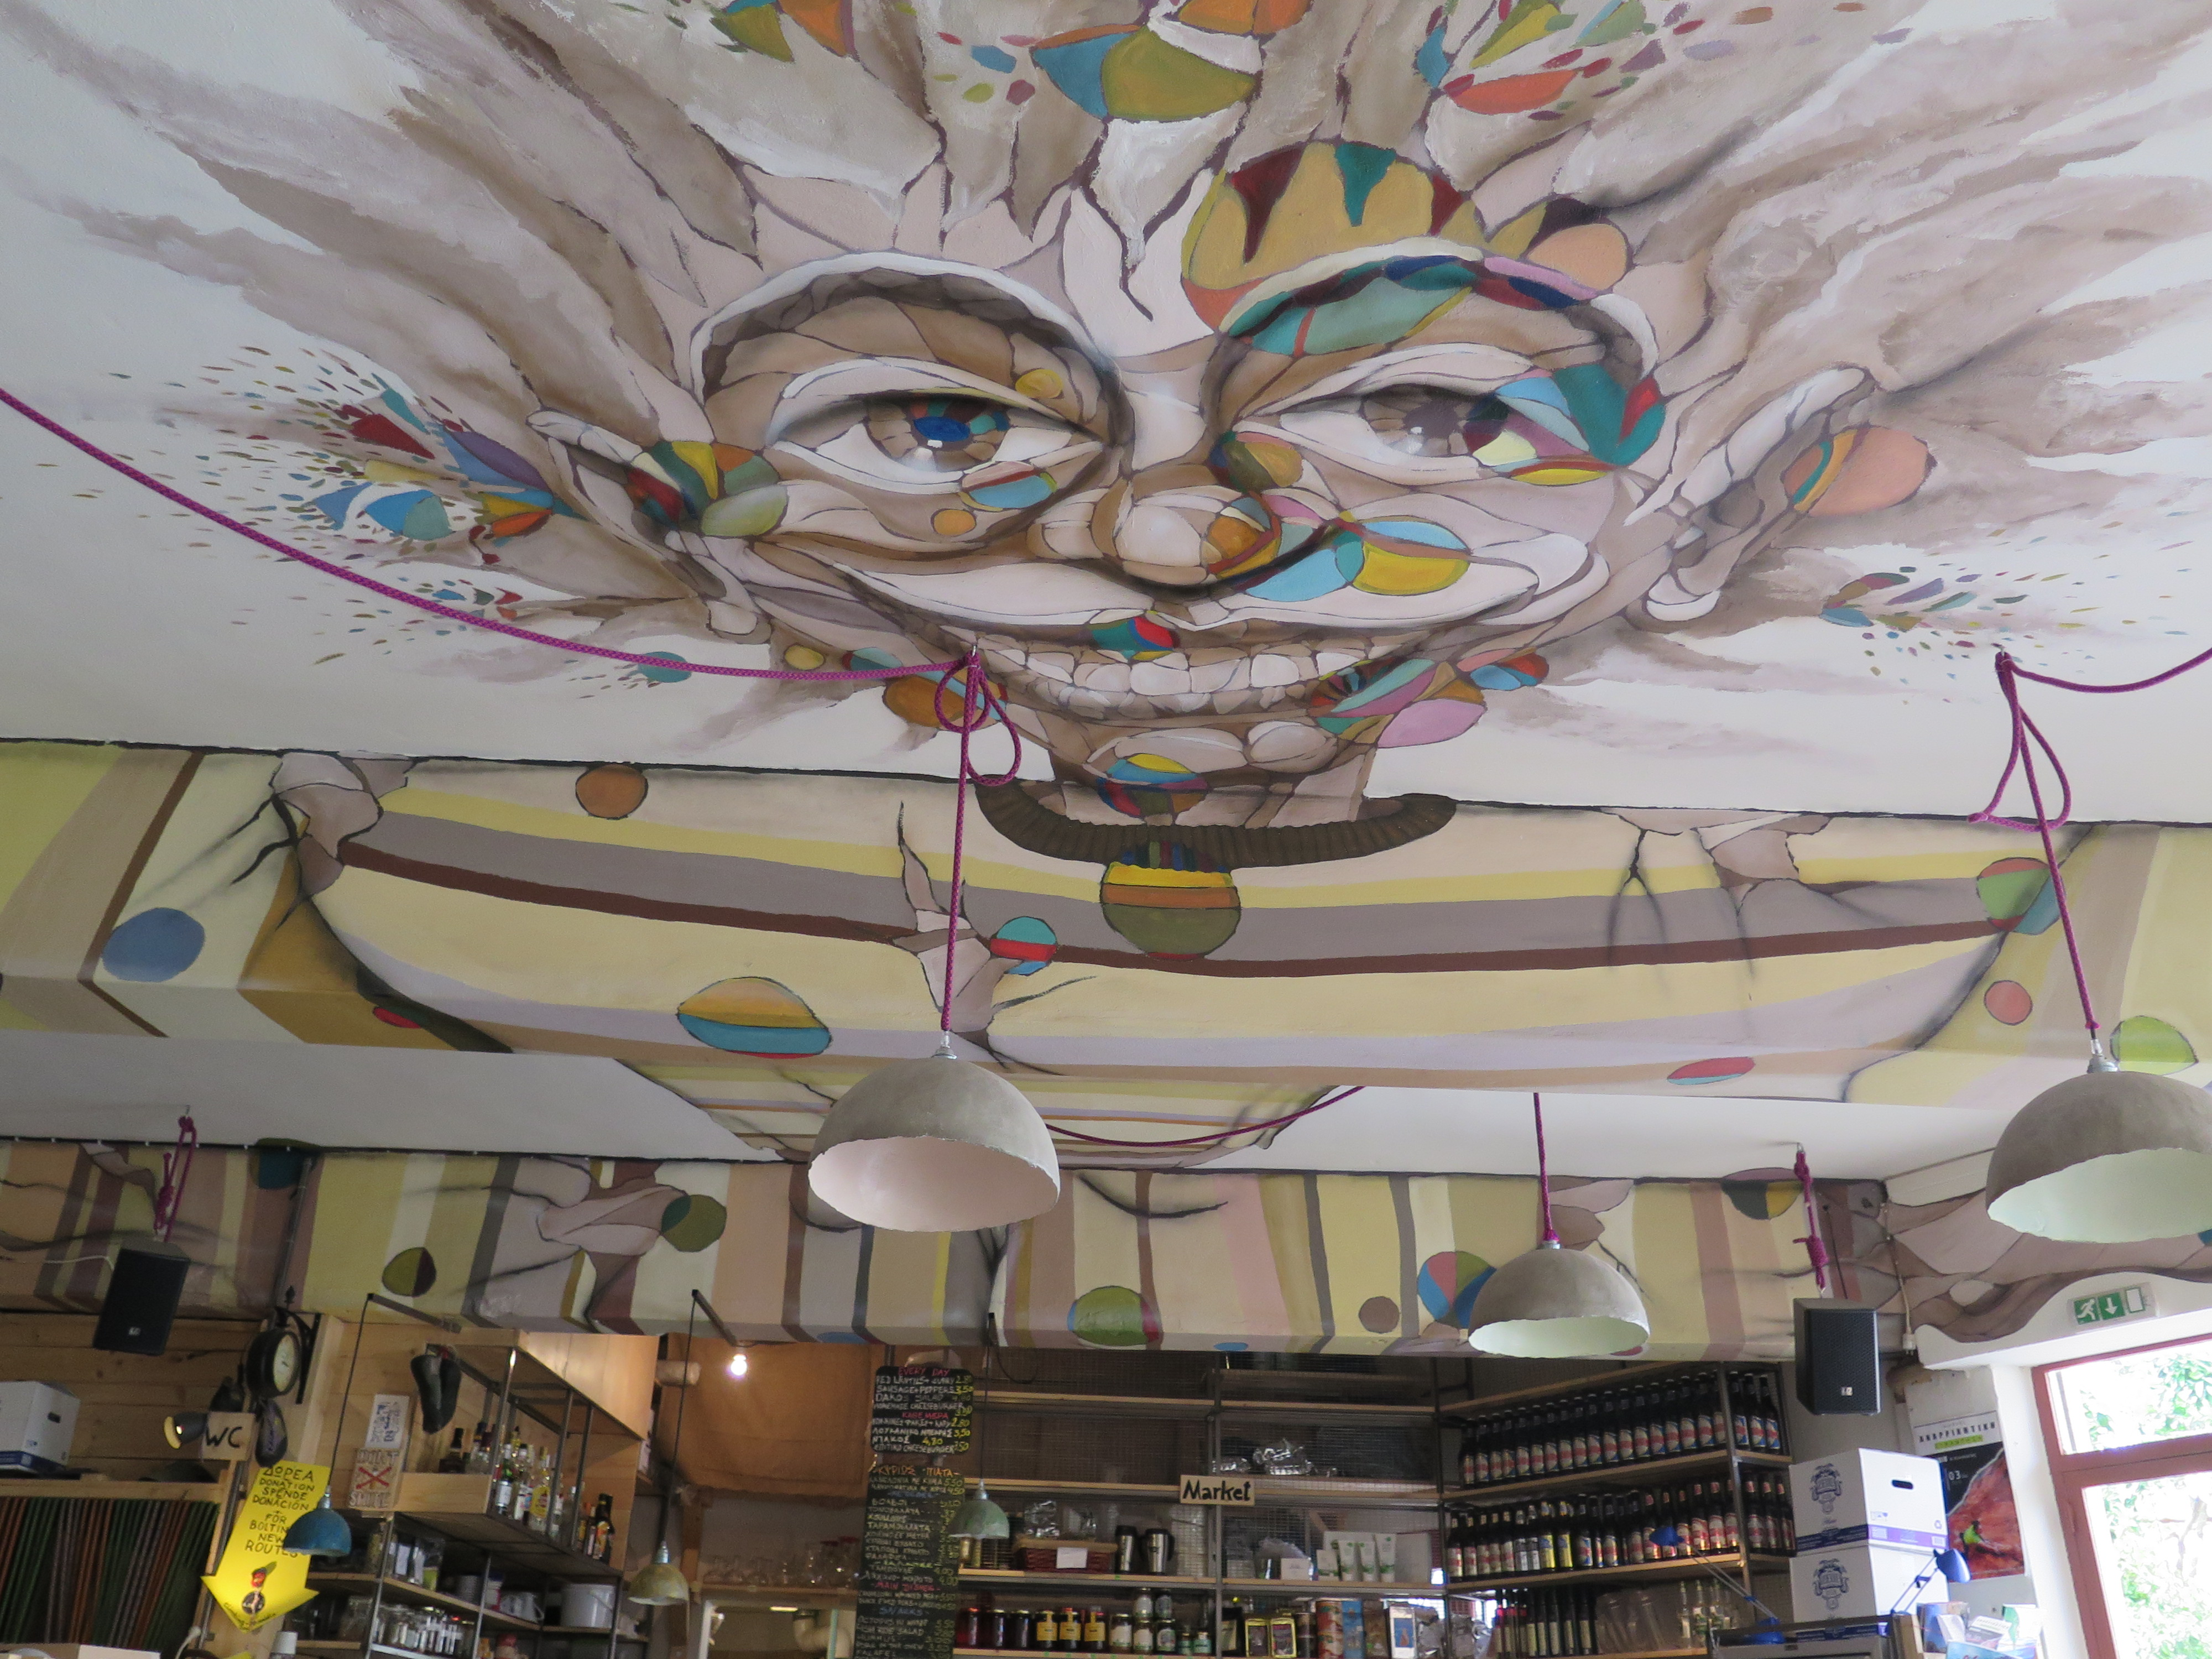 Úžasná stropní malba v lezecké kavárně.